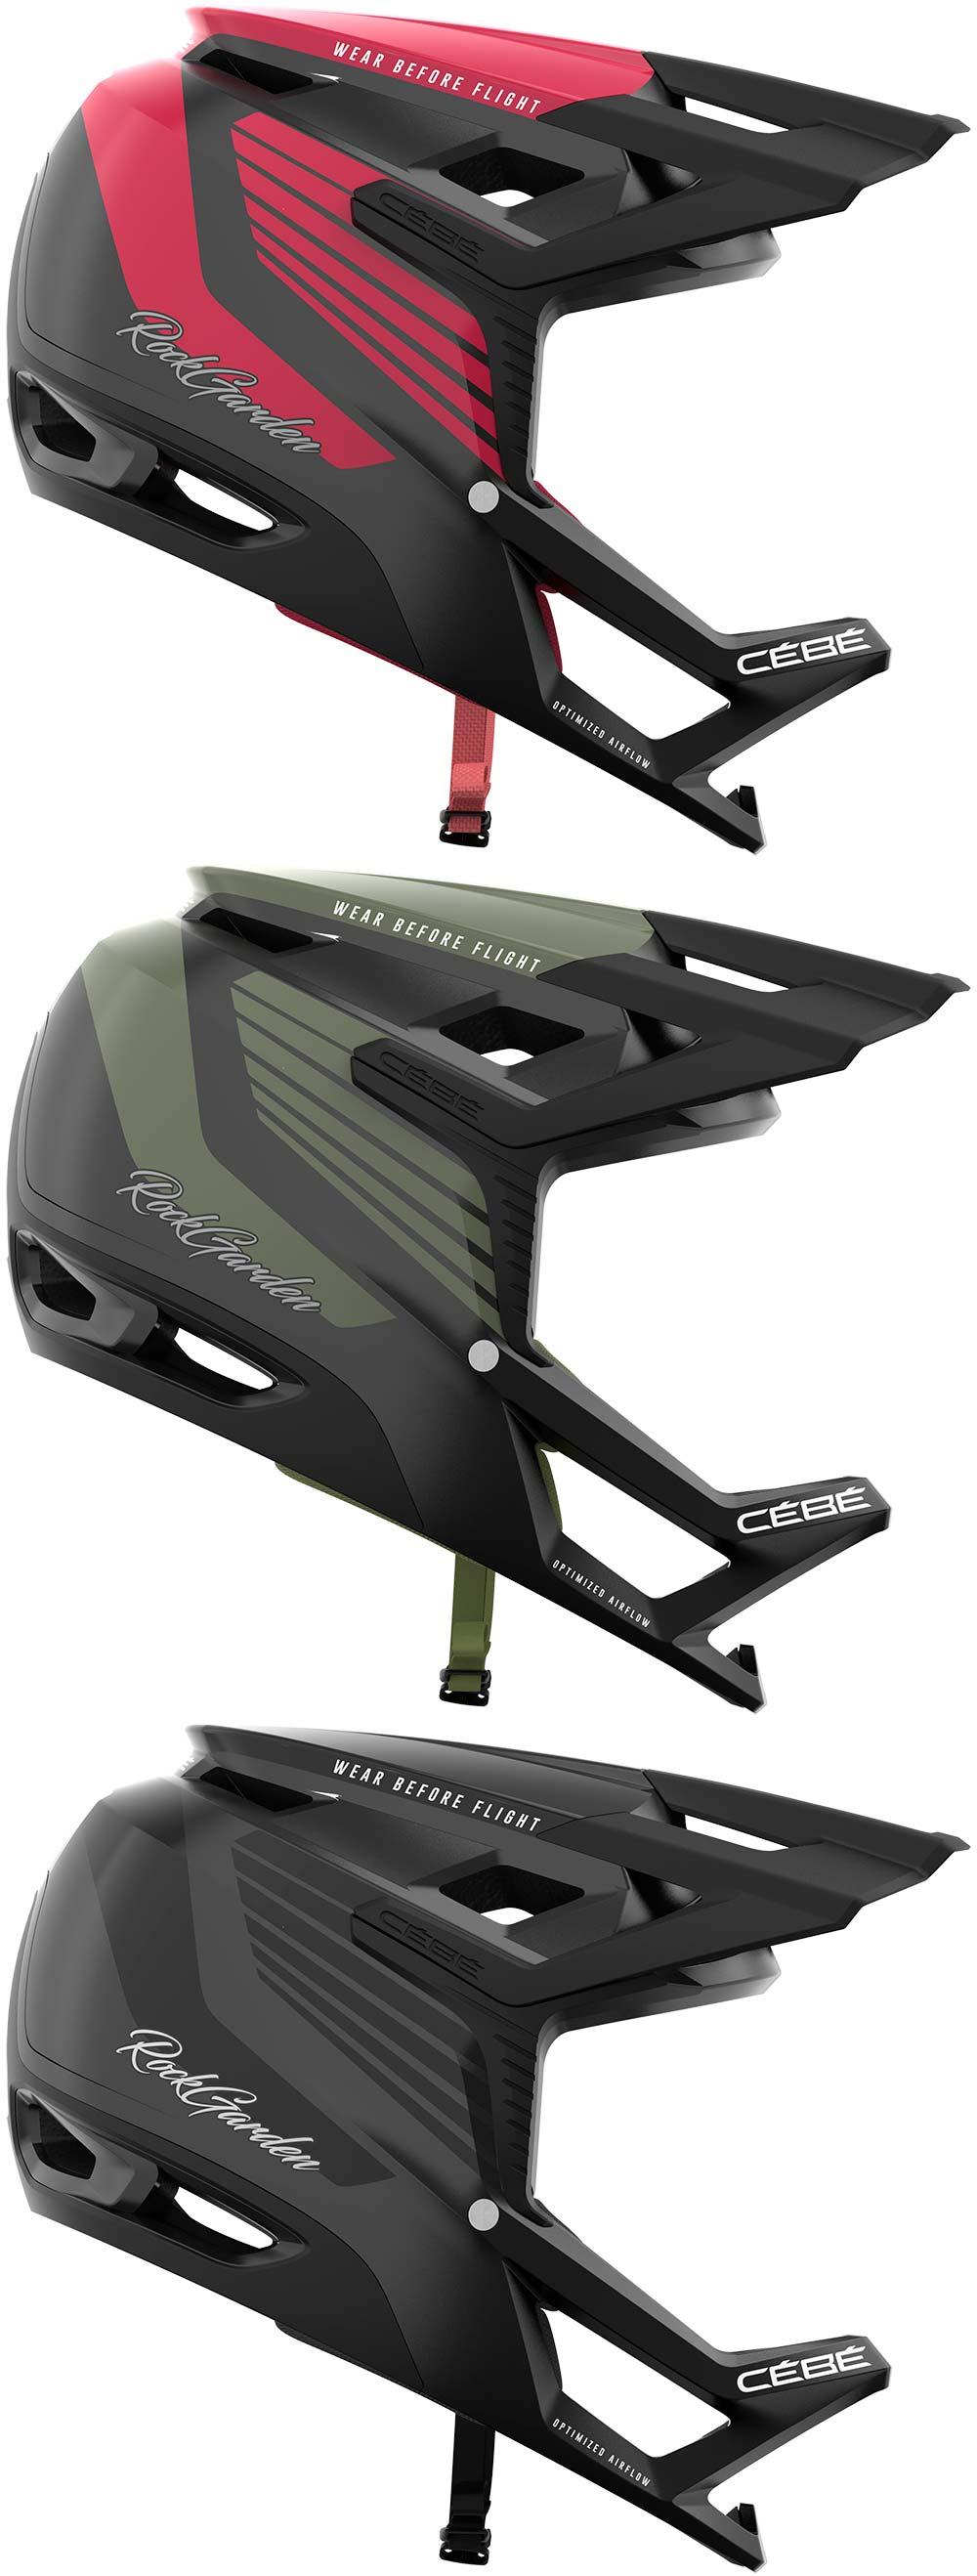 En TodoMountainBike: Cébé presenta el RockGarden, un casco integral de diseño único para entusiastas del Enduro